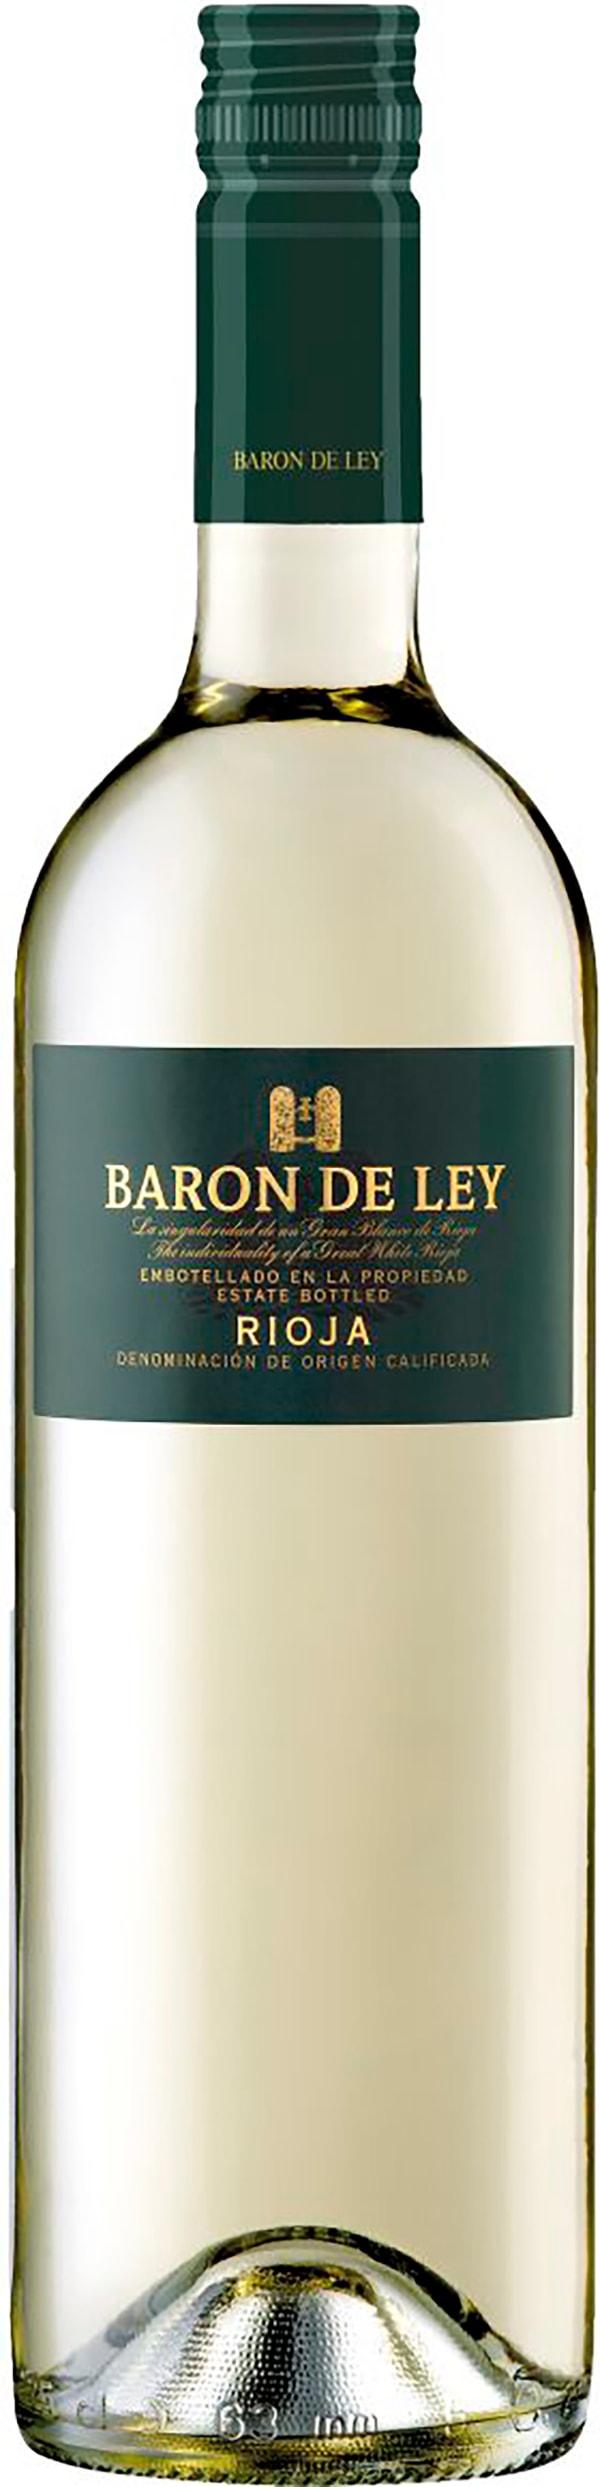 Baron de Ley Blanco 2019